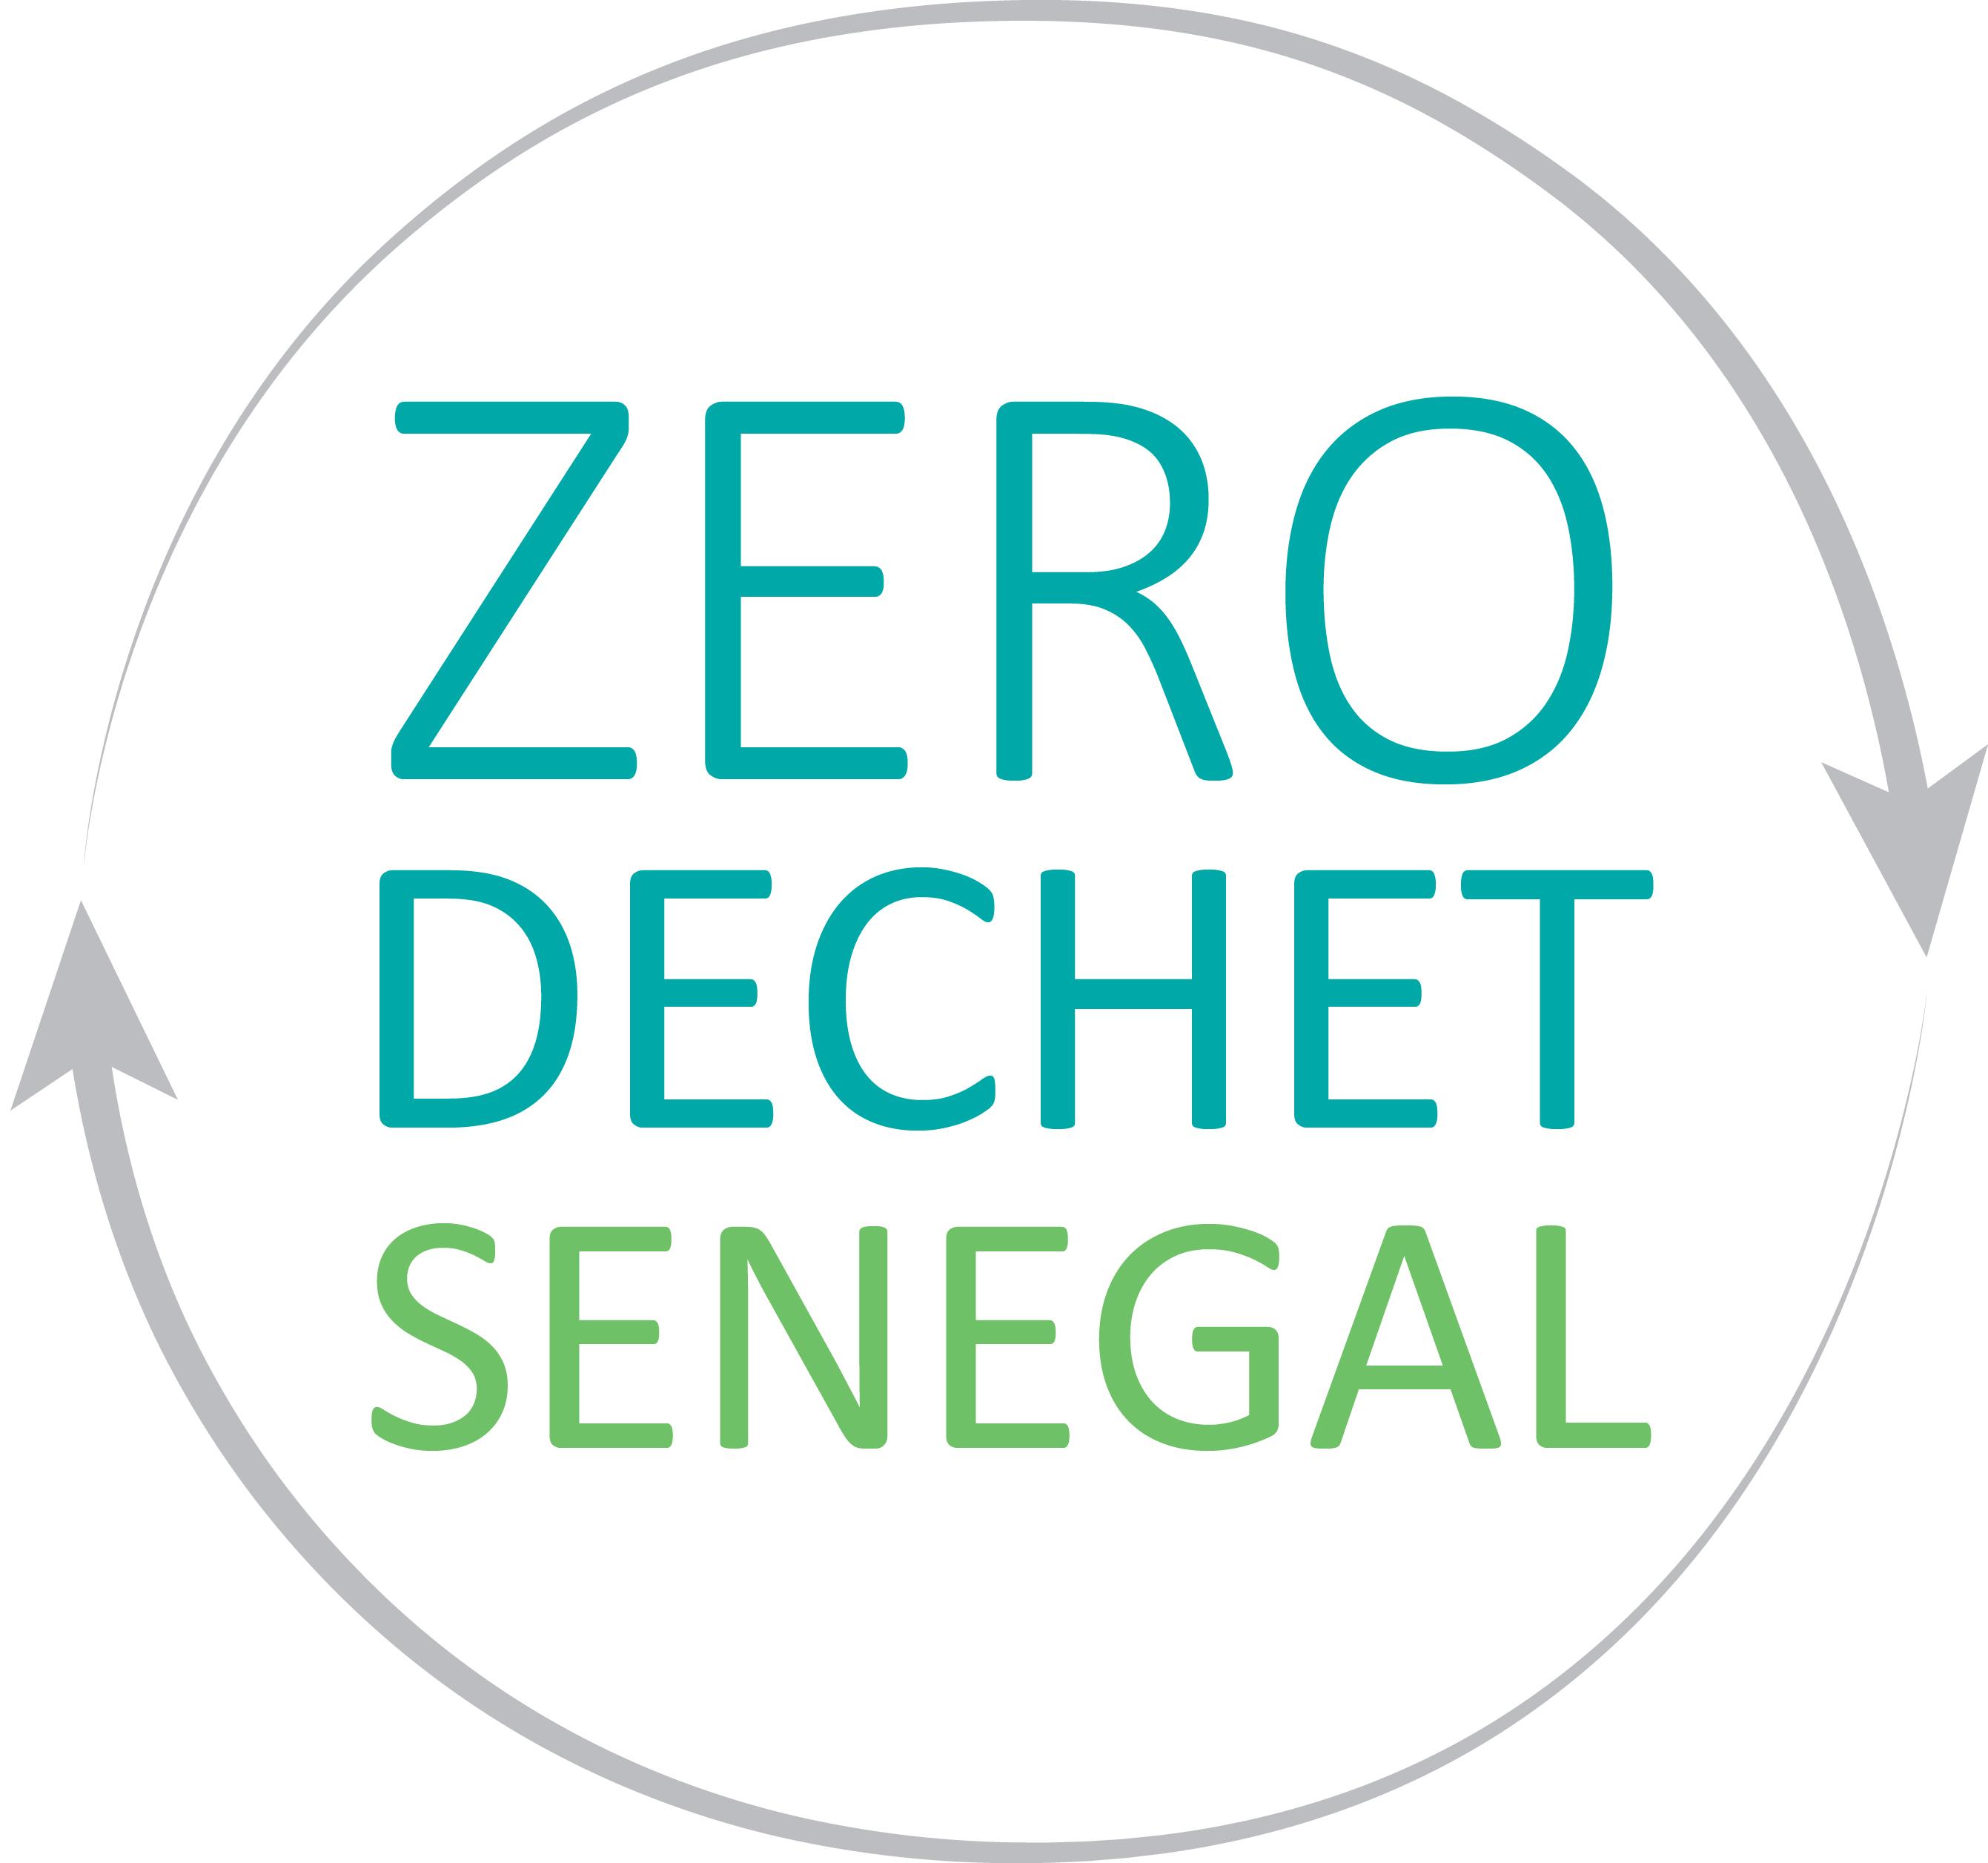 zerowastesenegal.org